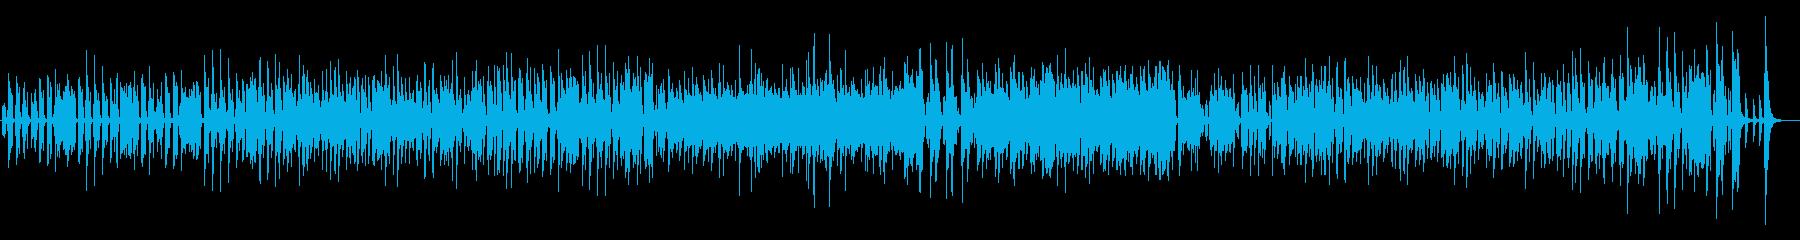 口笛メインのご機嫌で軽快なジャズの再生済みの波形